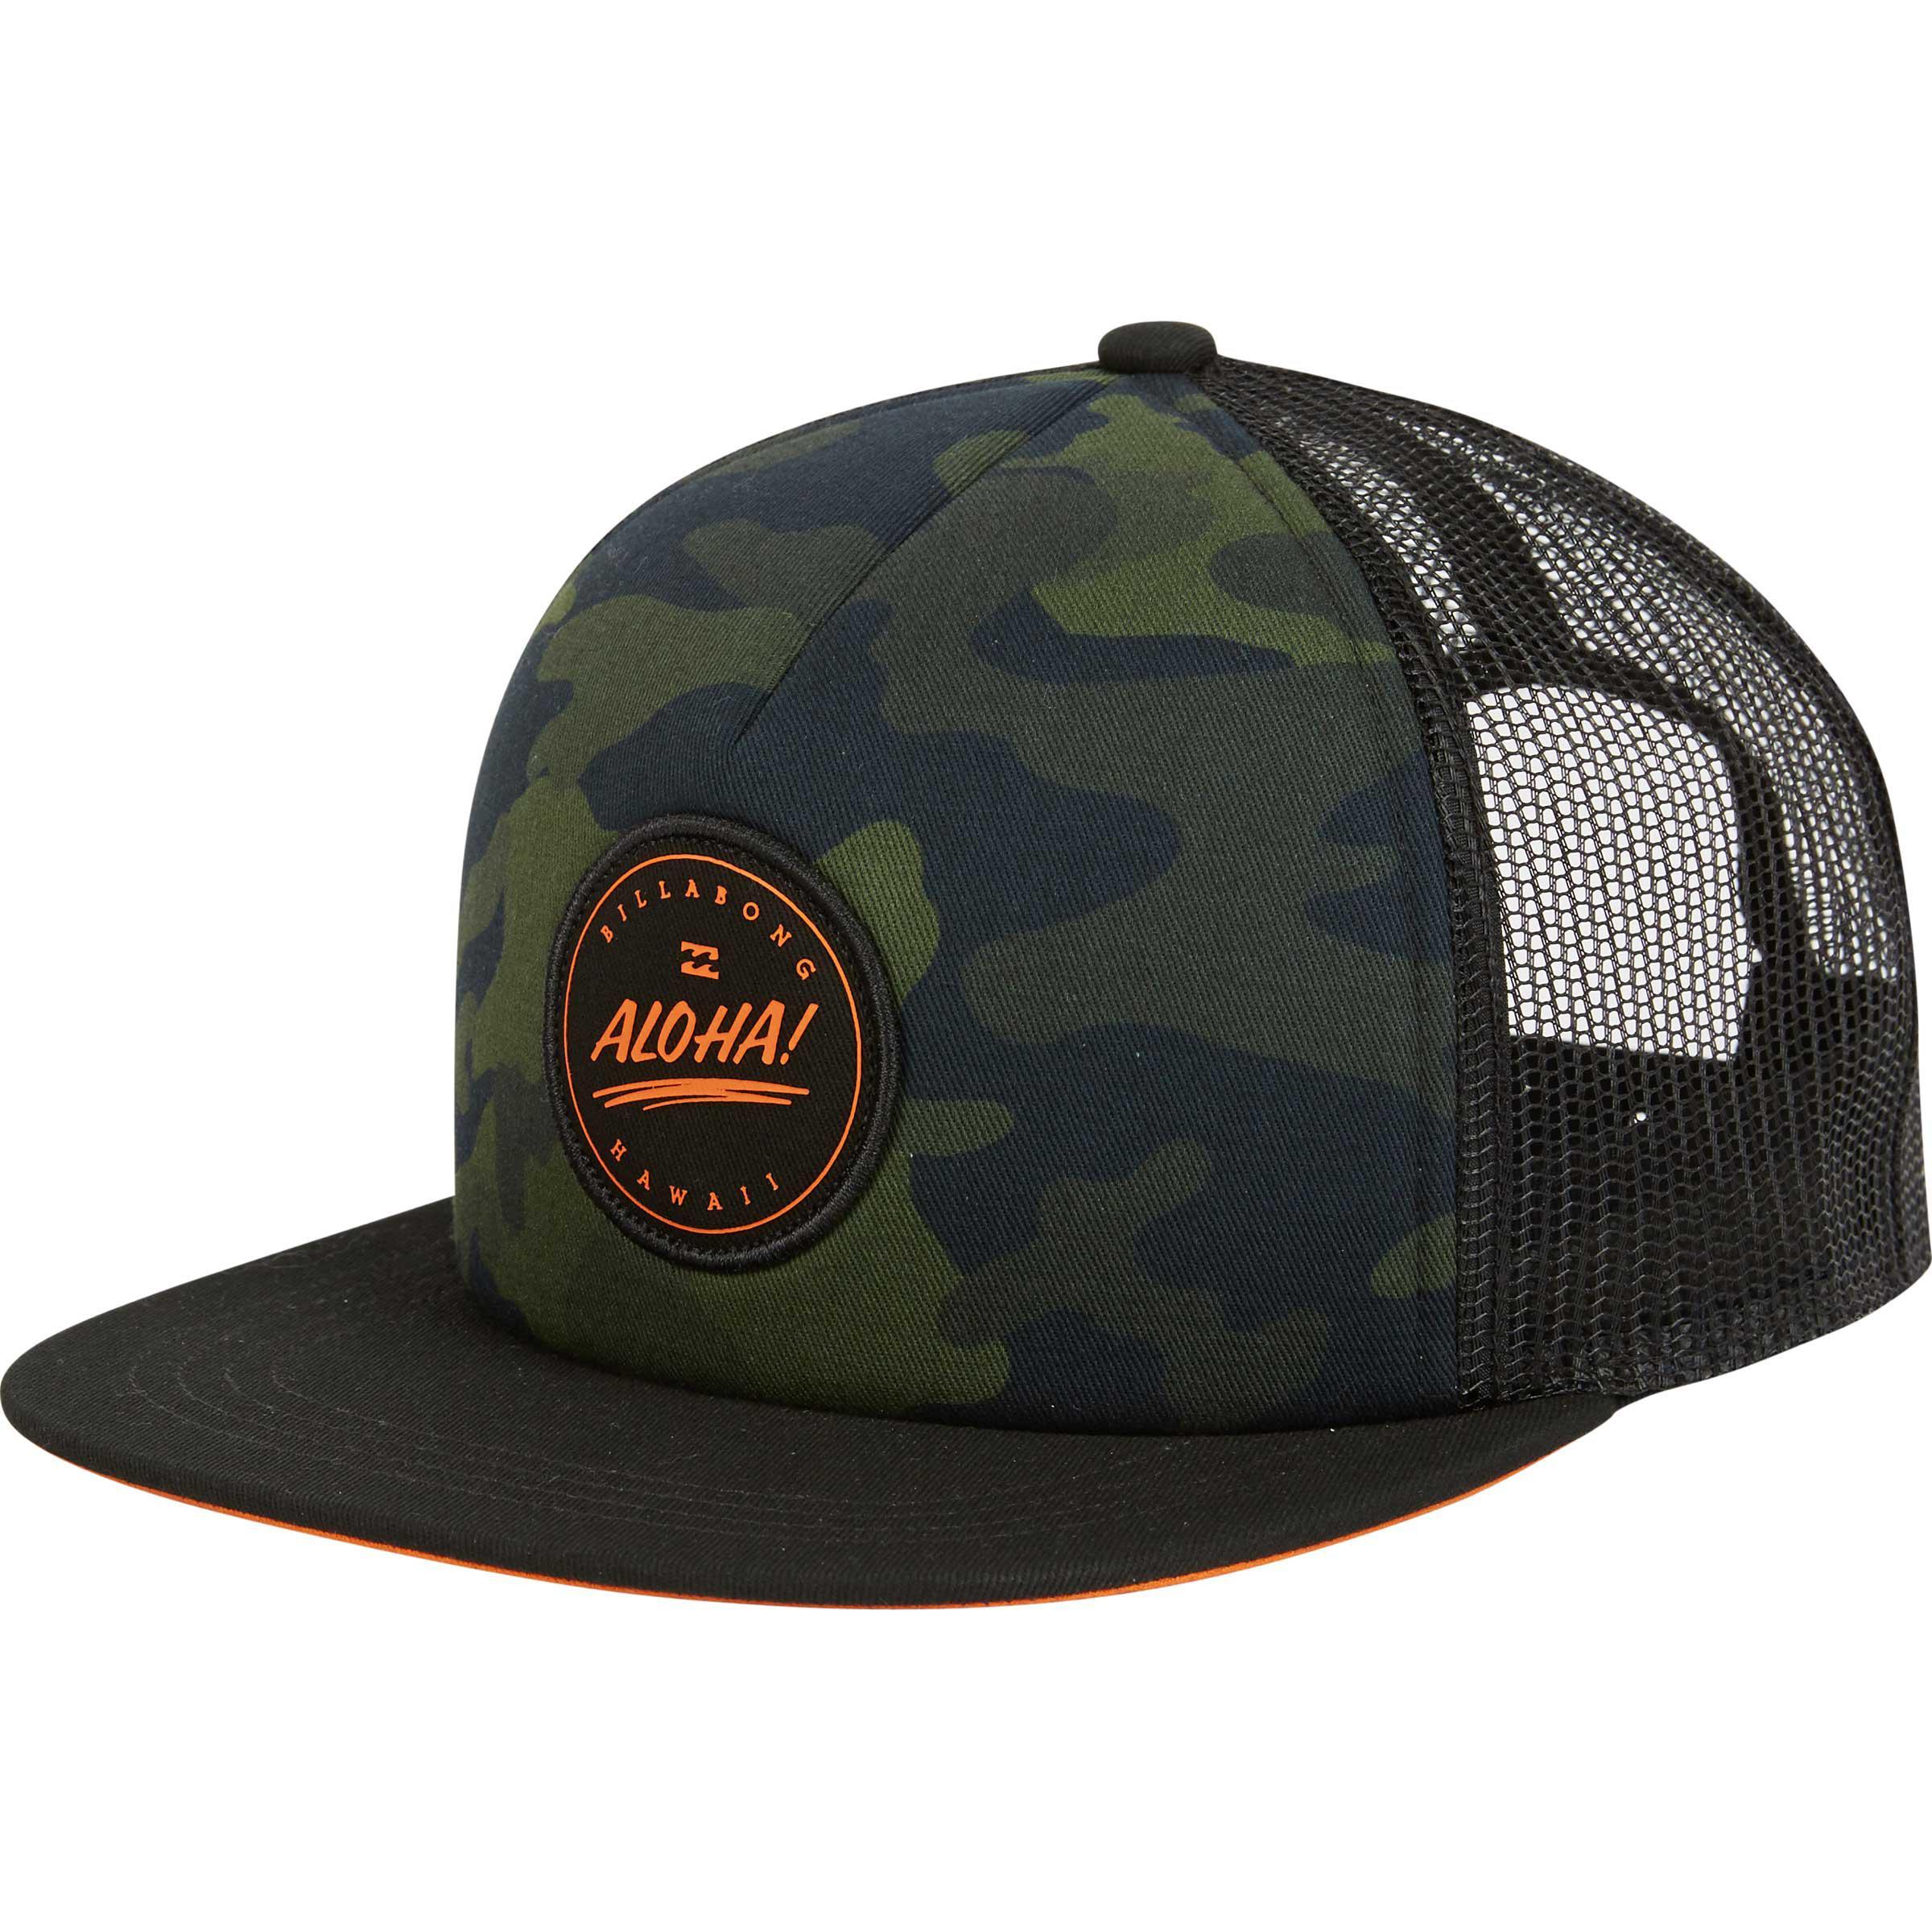 c6b3f0b4b3d ... coupon code lyst billabong aloha trucker hat in green for men 39091  910e4